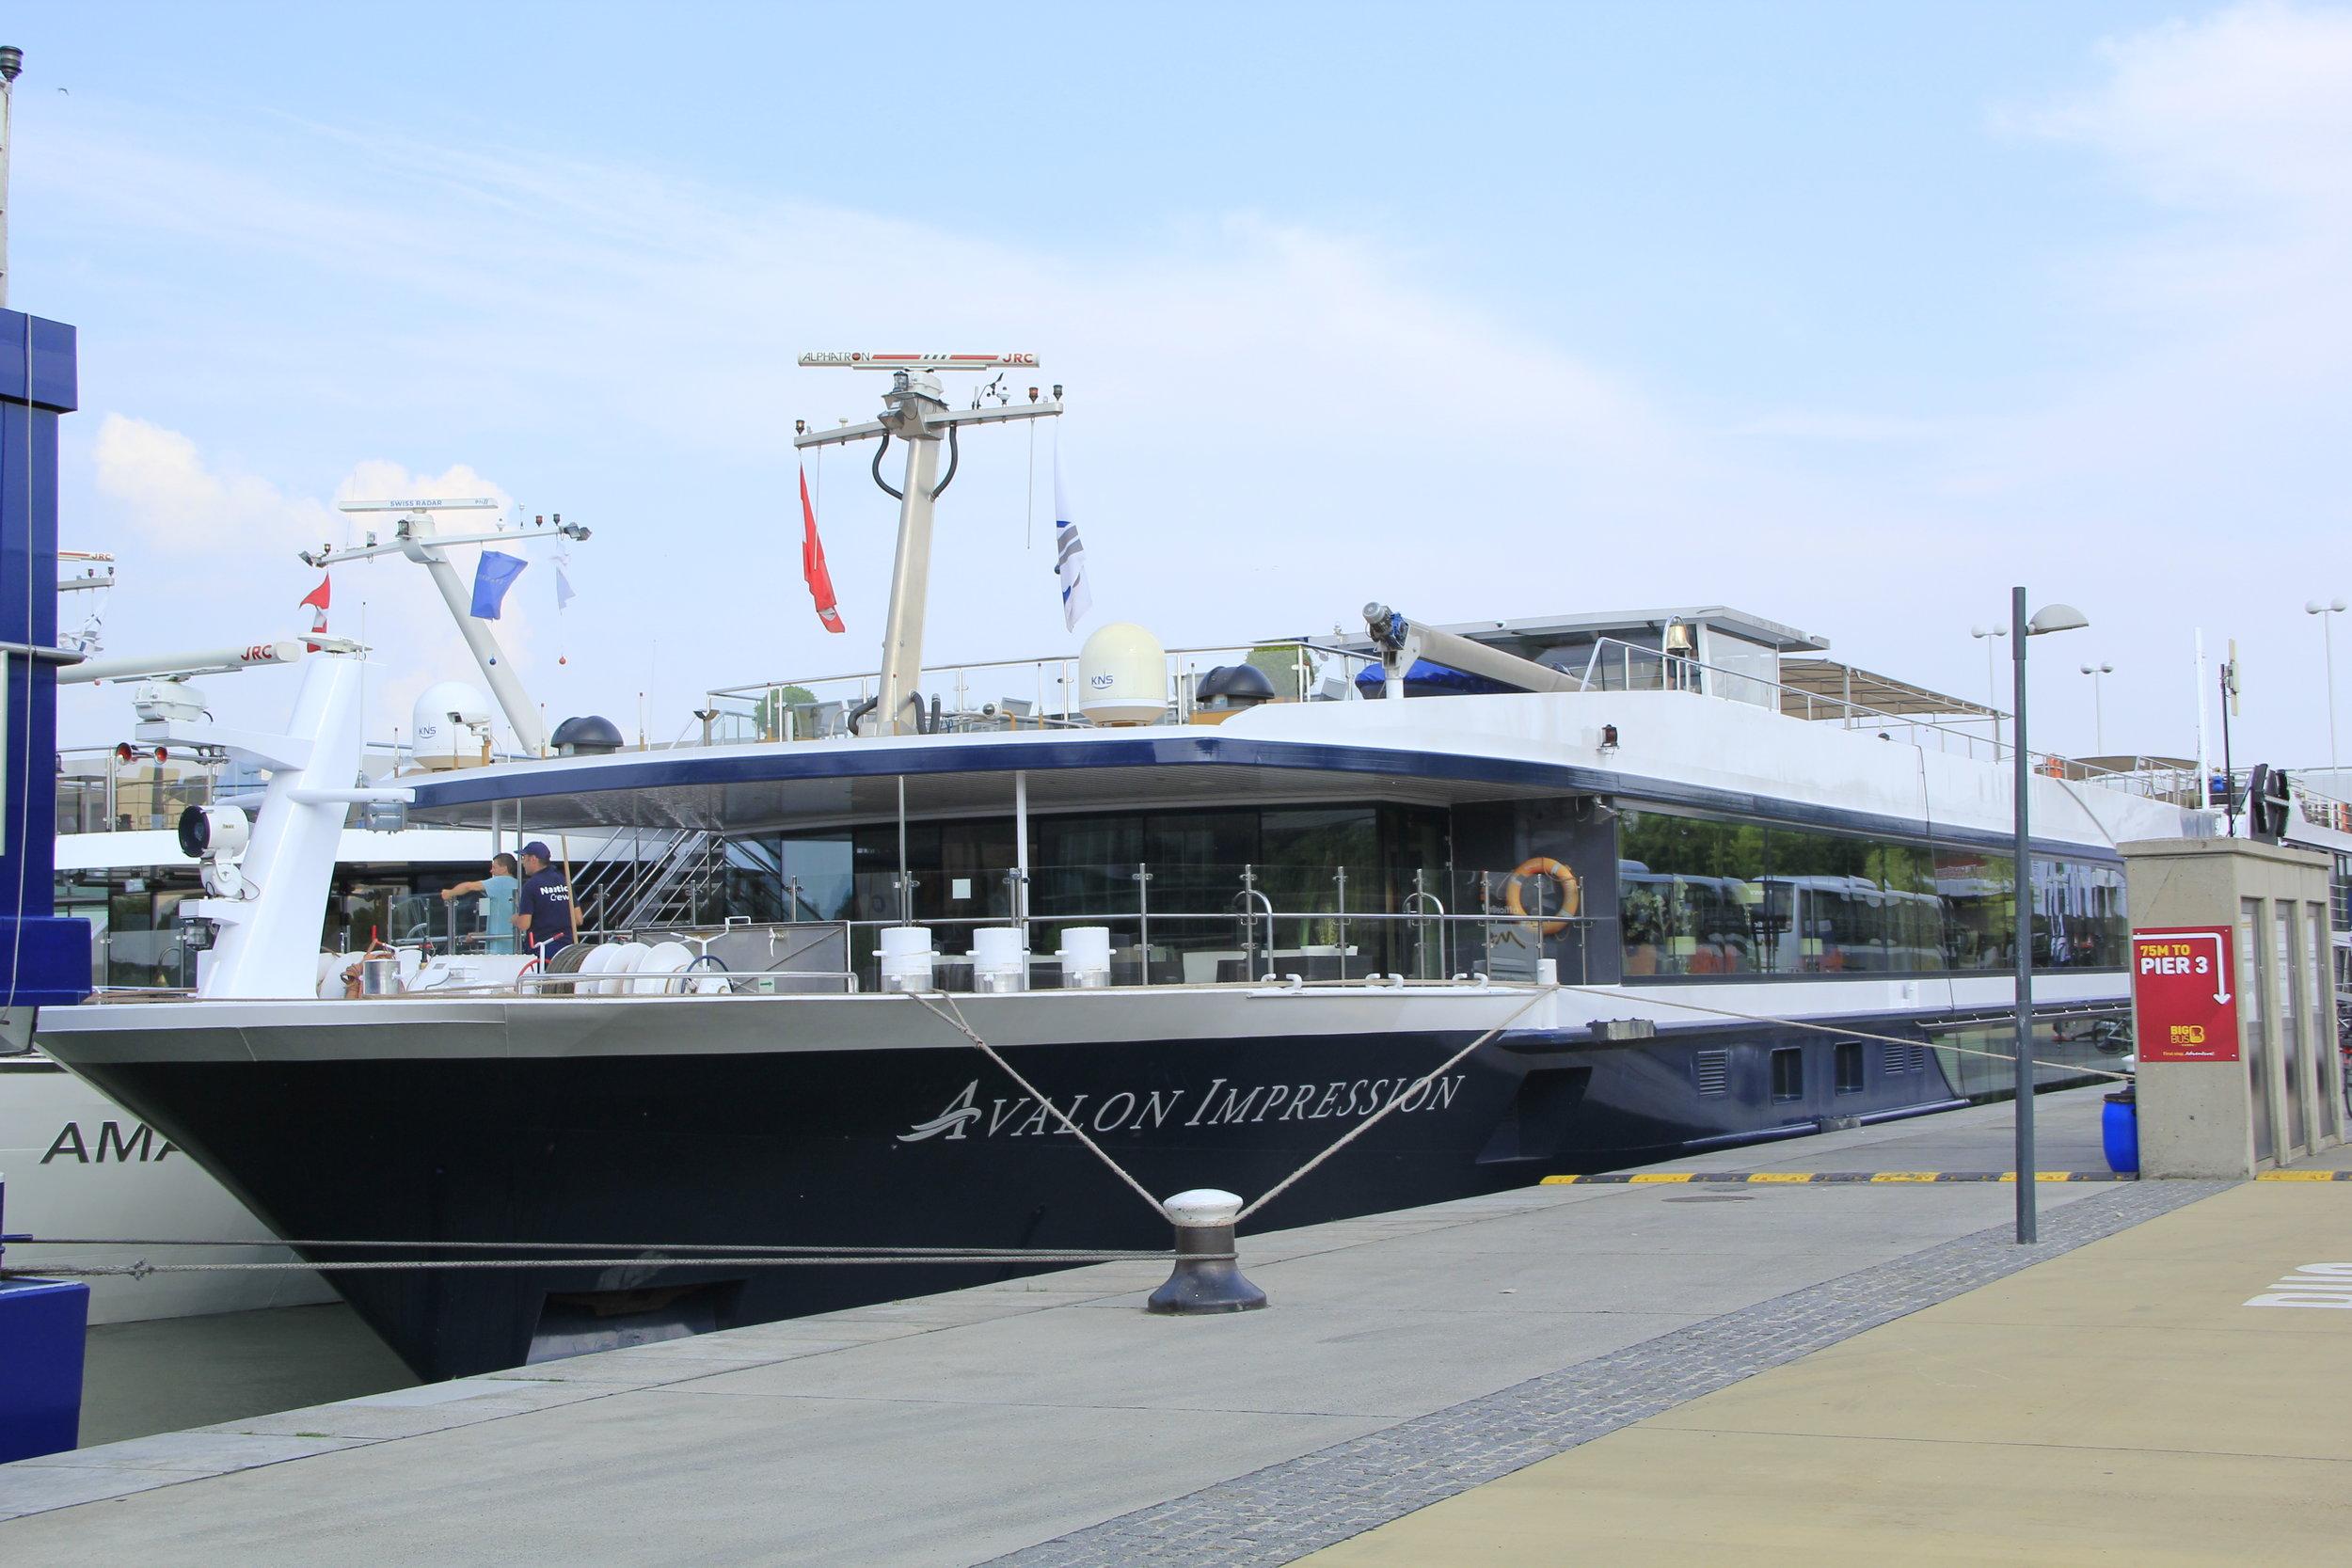 The Avalon Impression in port in Vienna, Austria in 2018